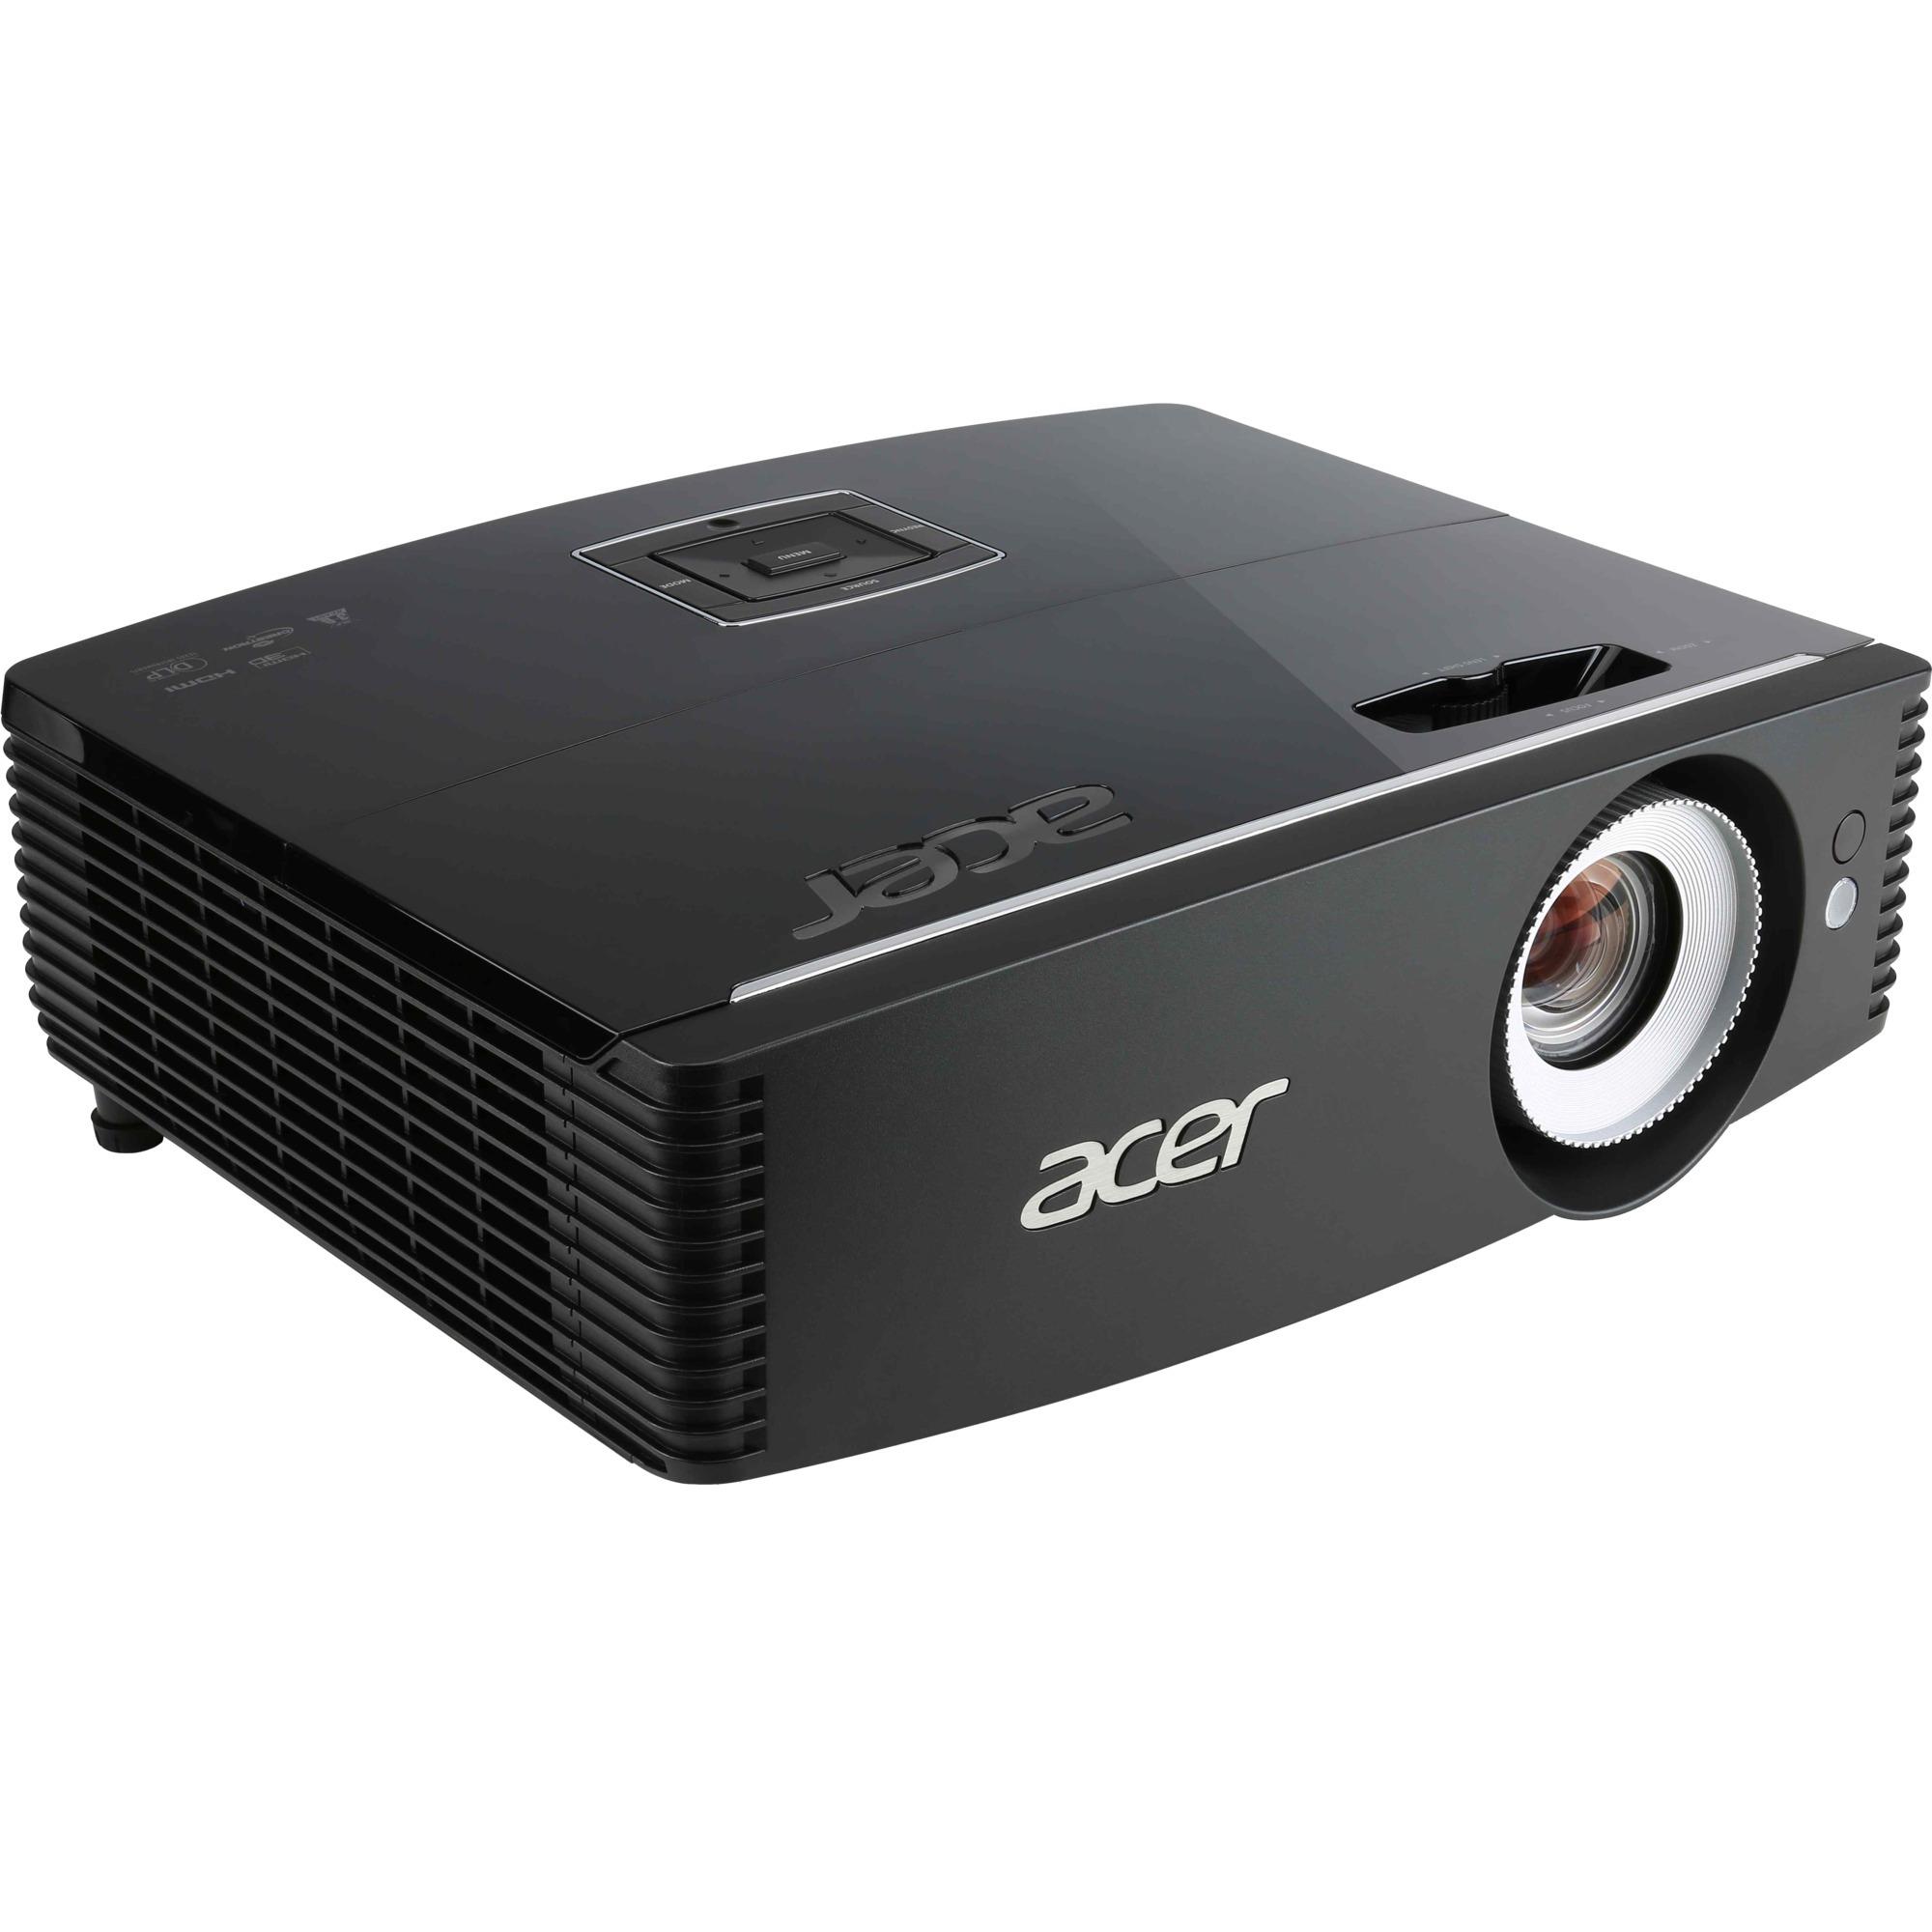 Professional and Education P6200 Projecteur de bureau 5000ANSI lumens DLP XGA (1024x768) Compatibilité 3D Noir vidéo-projecteur, Projecteur DLP